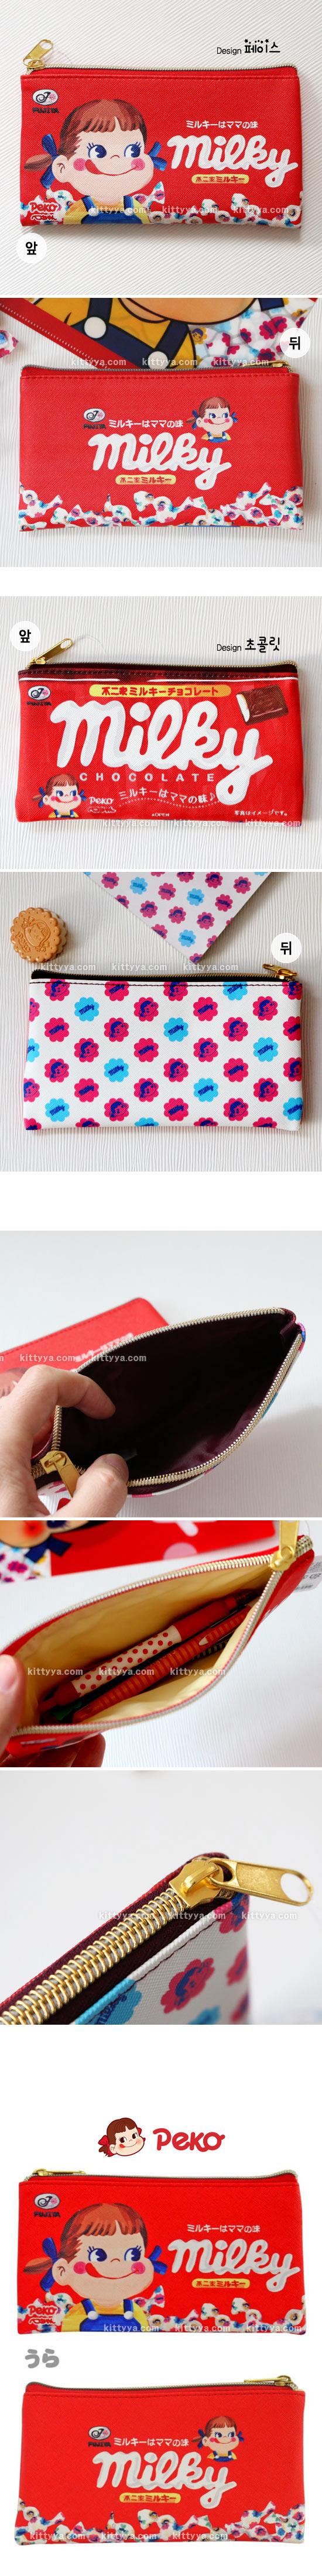 페코짱 플랫 펜파우치 (2design) - 키티야, 13,700원, 다용도파우치, 지퍼형